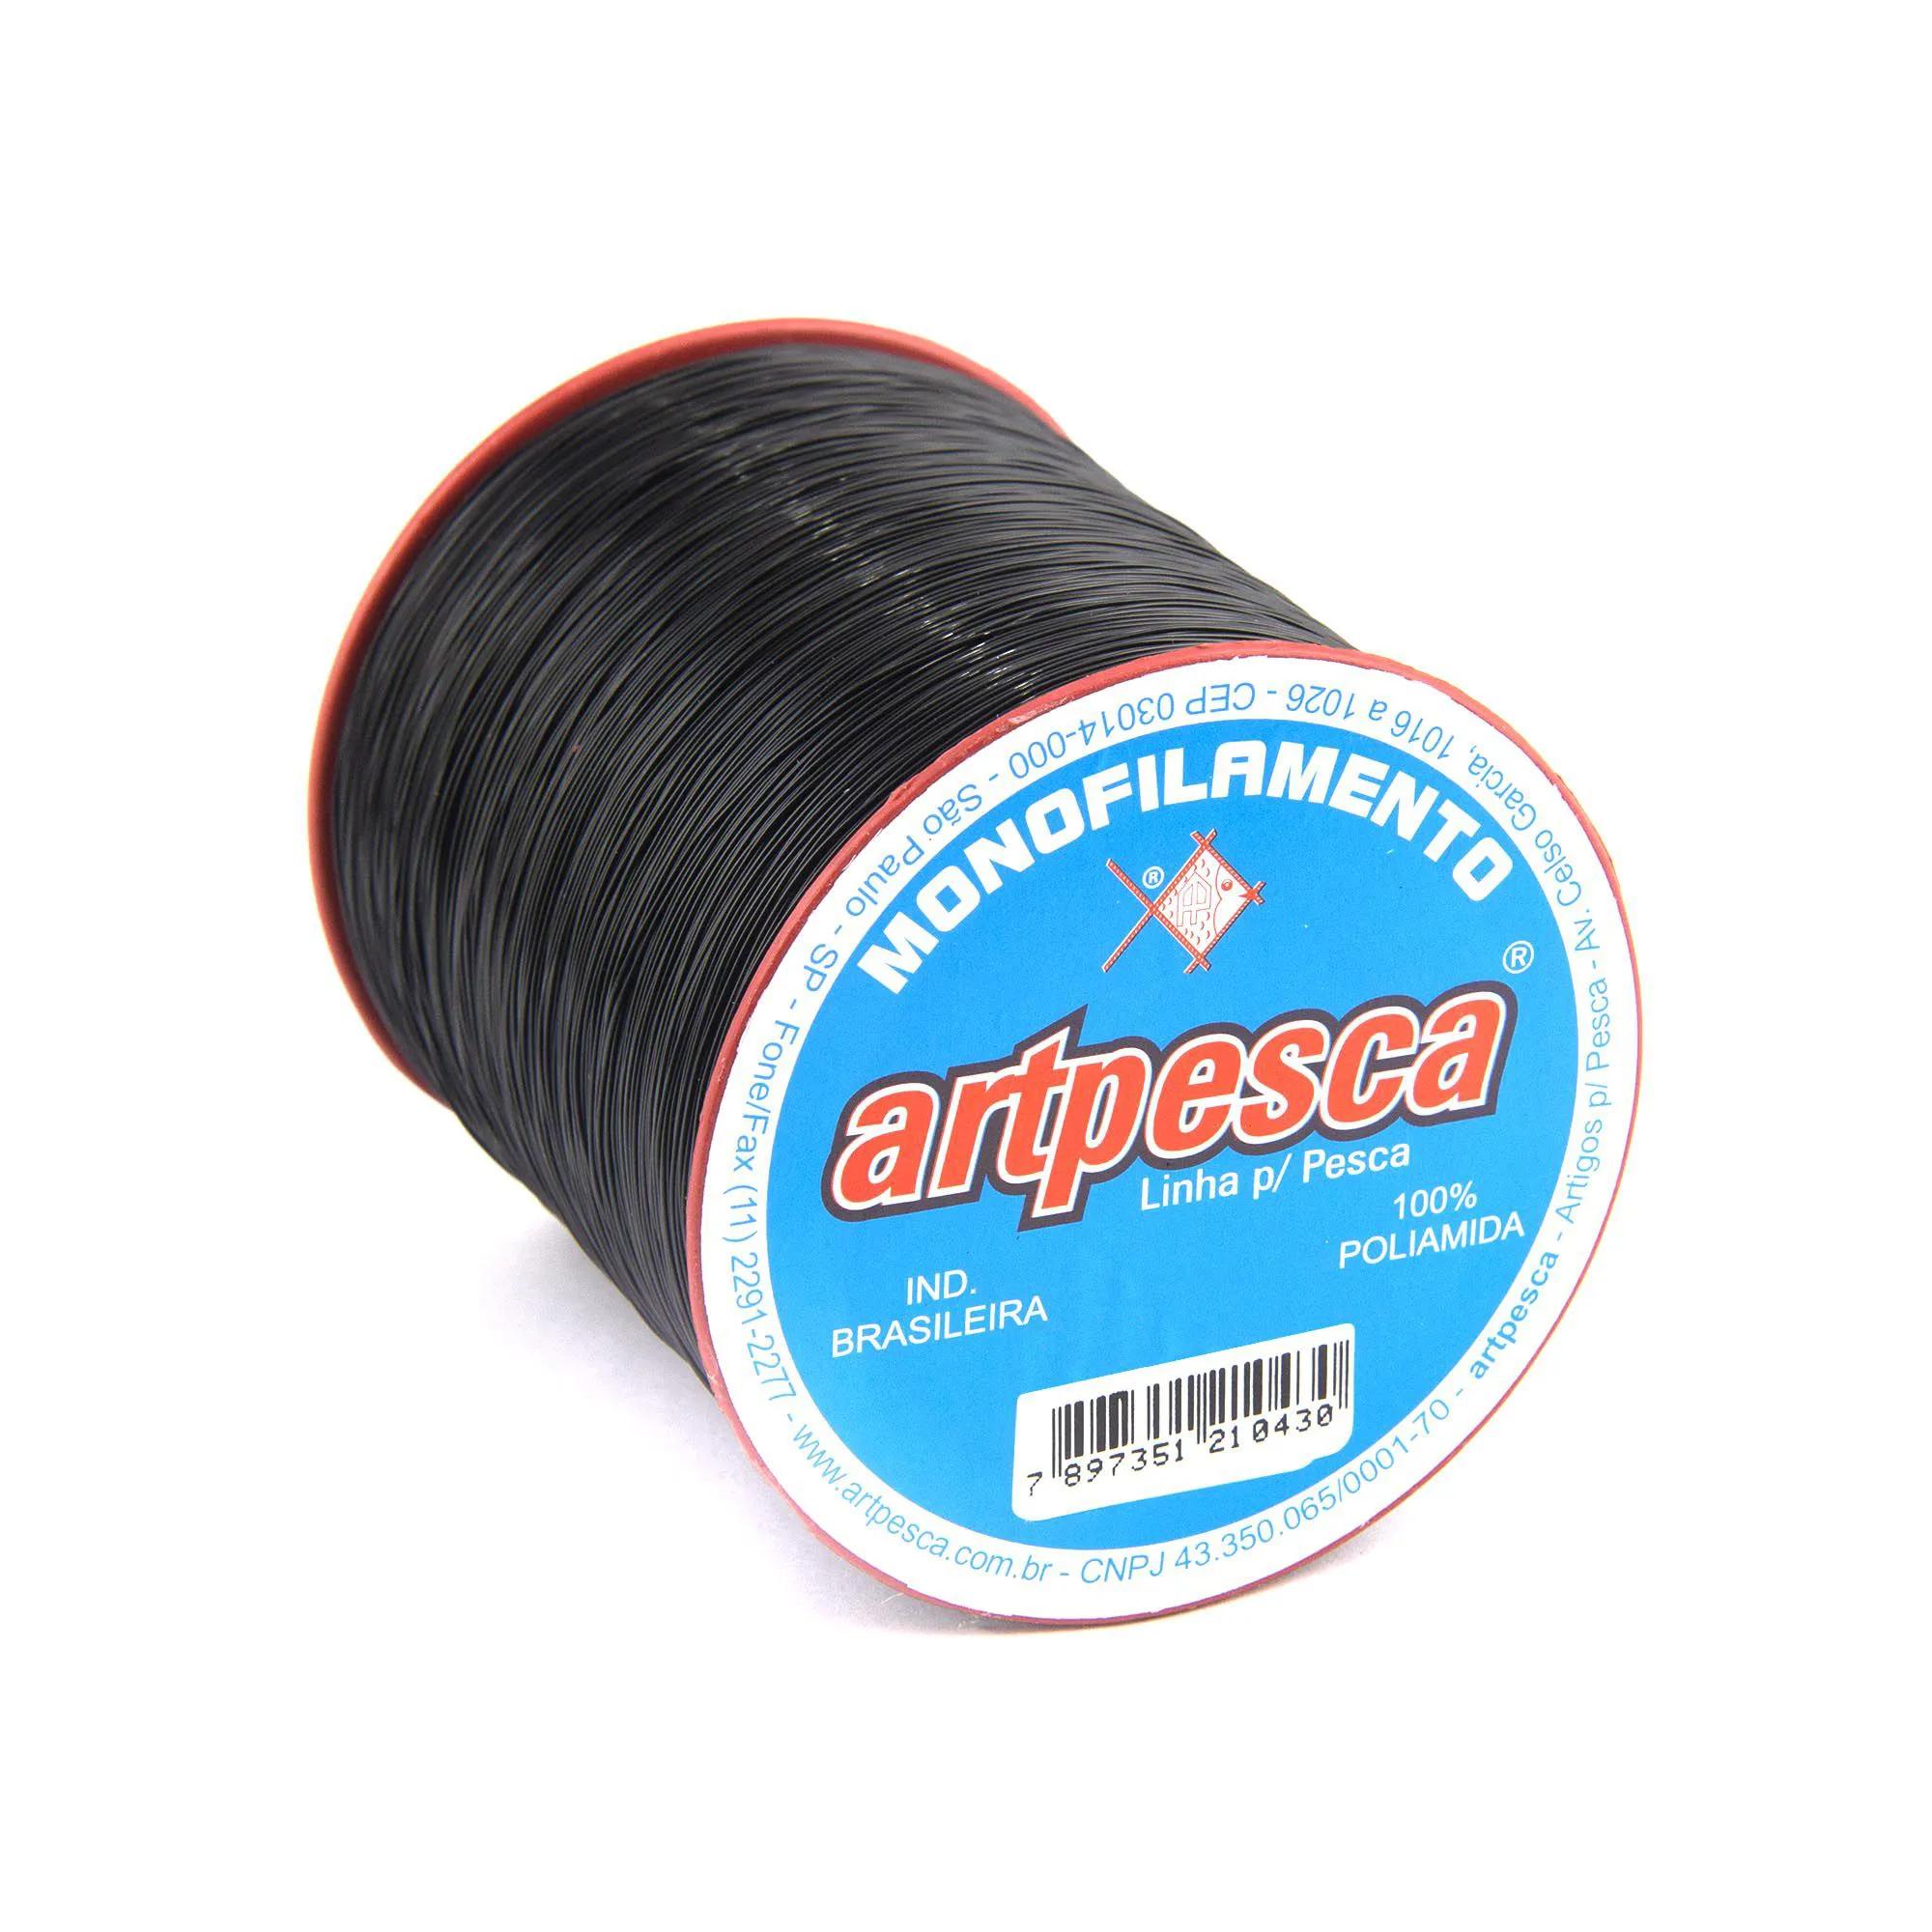 Linha de Nylon Artpesca Preta 0,30mm - 1 unidades com 100gr  - Artpesca